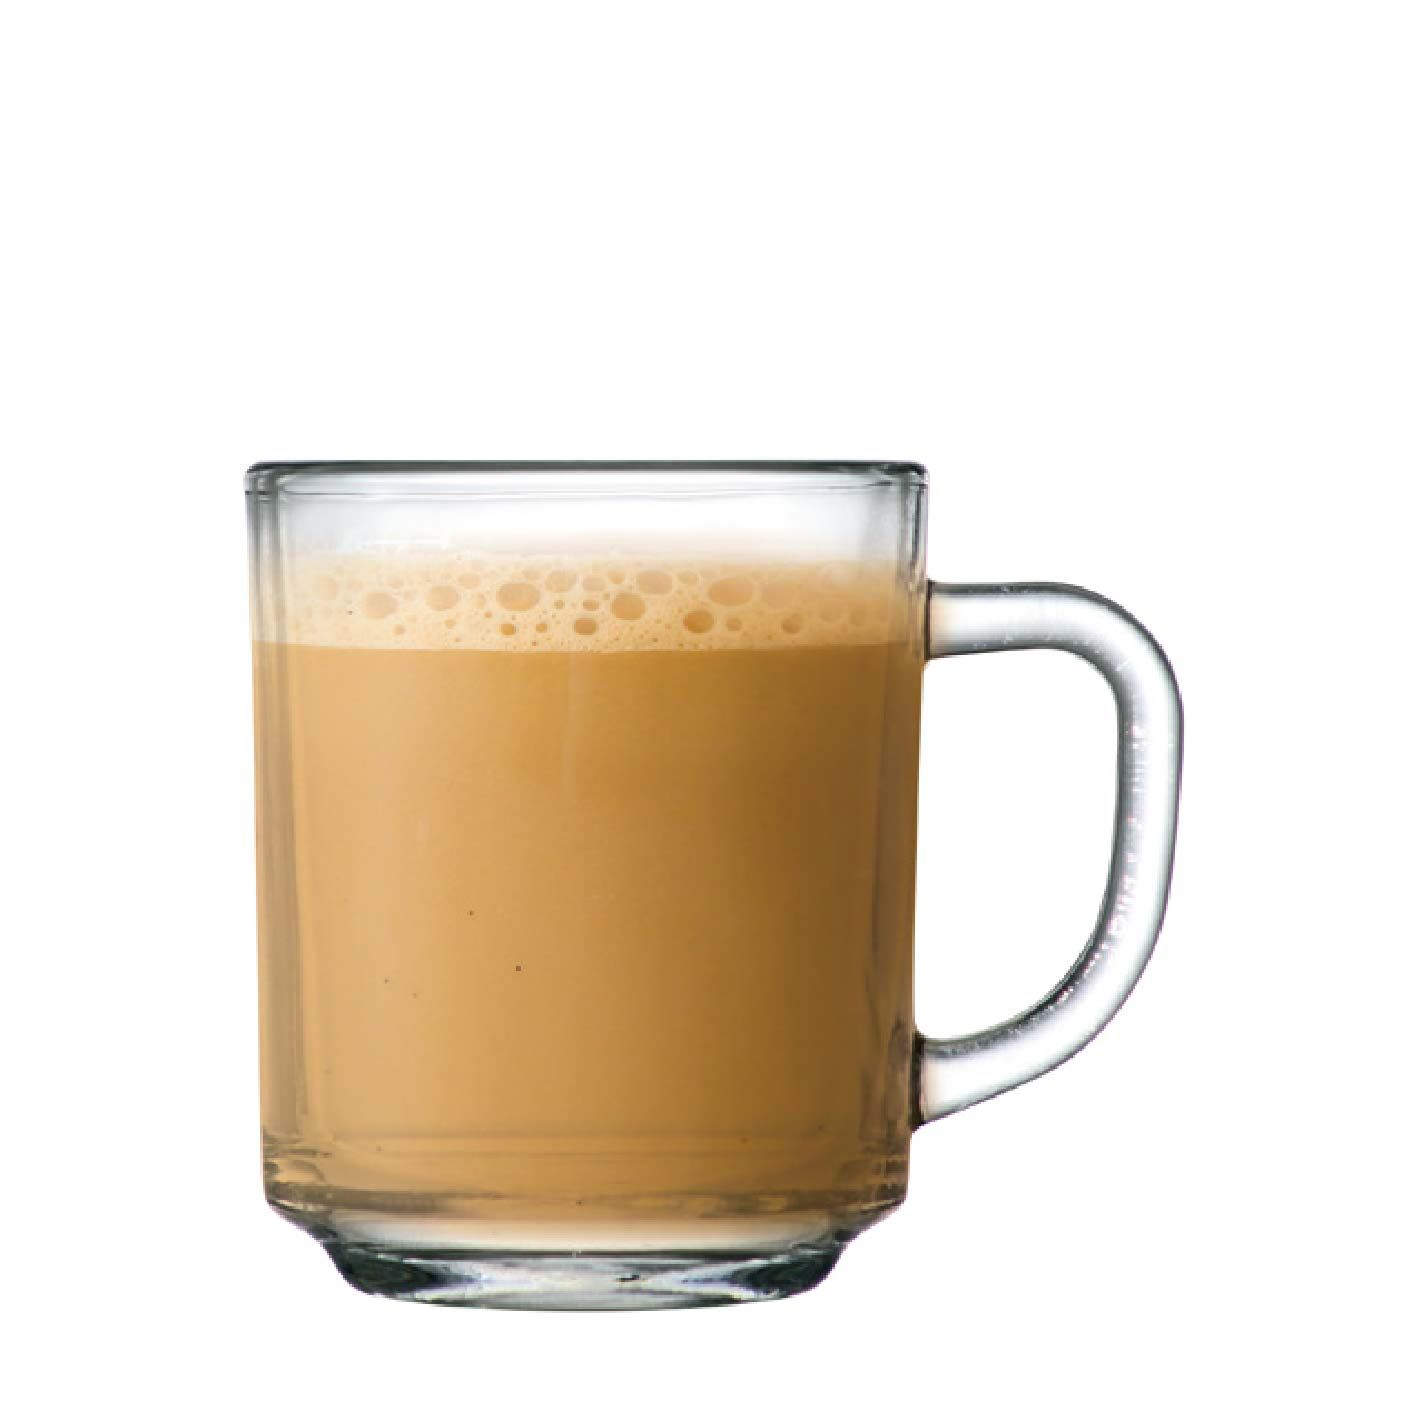 Kit Presente - Boleira com Pé Prato de Sobremesa e Xícara - White